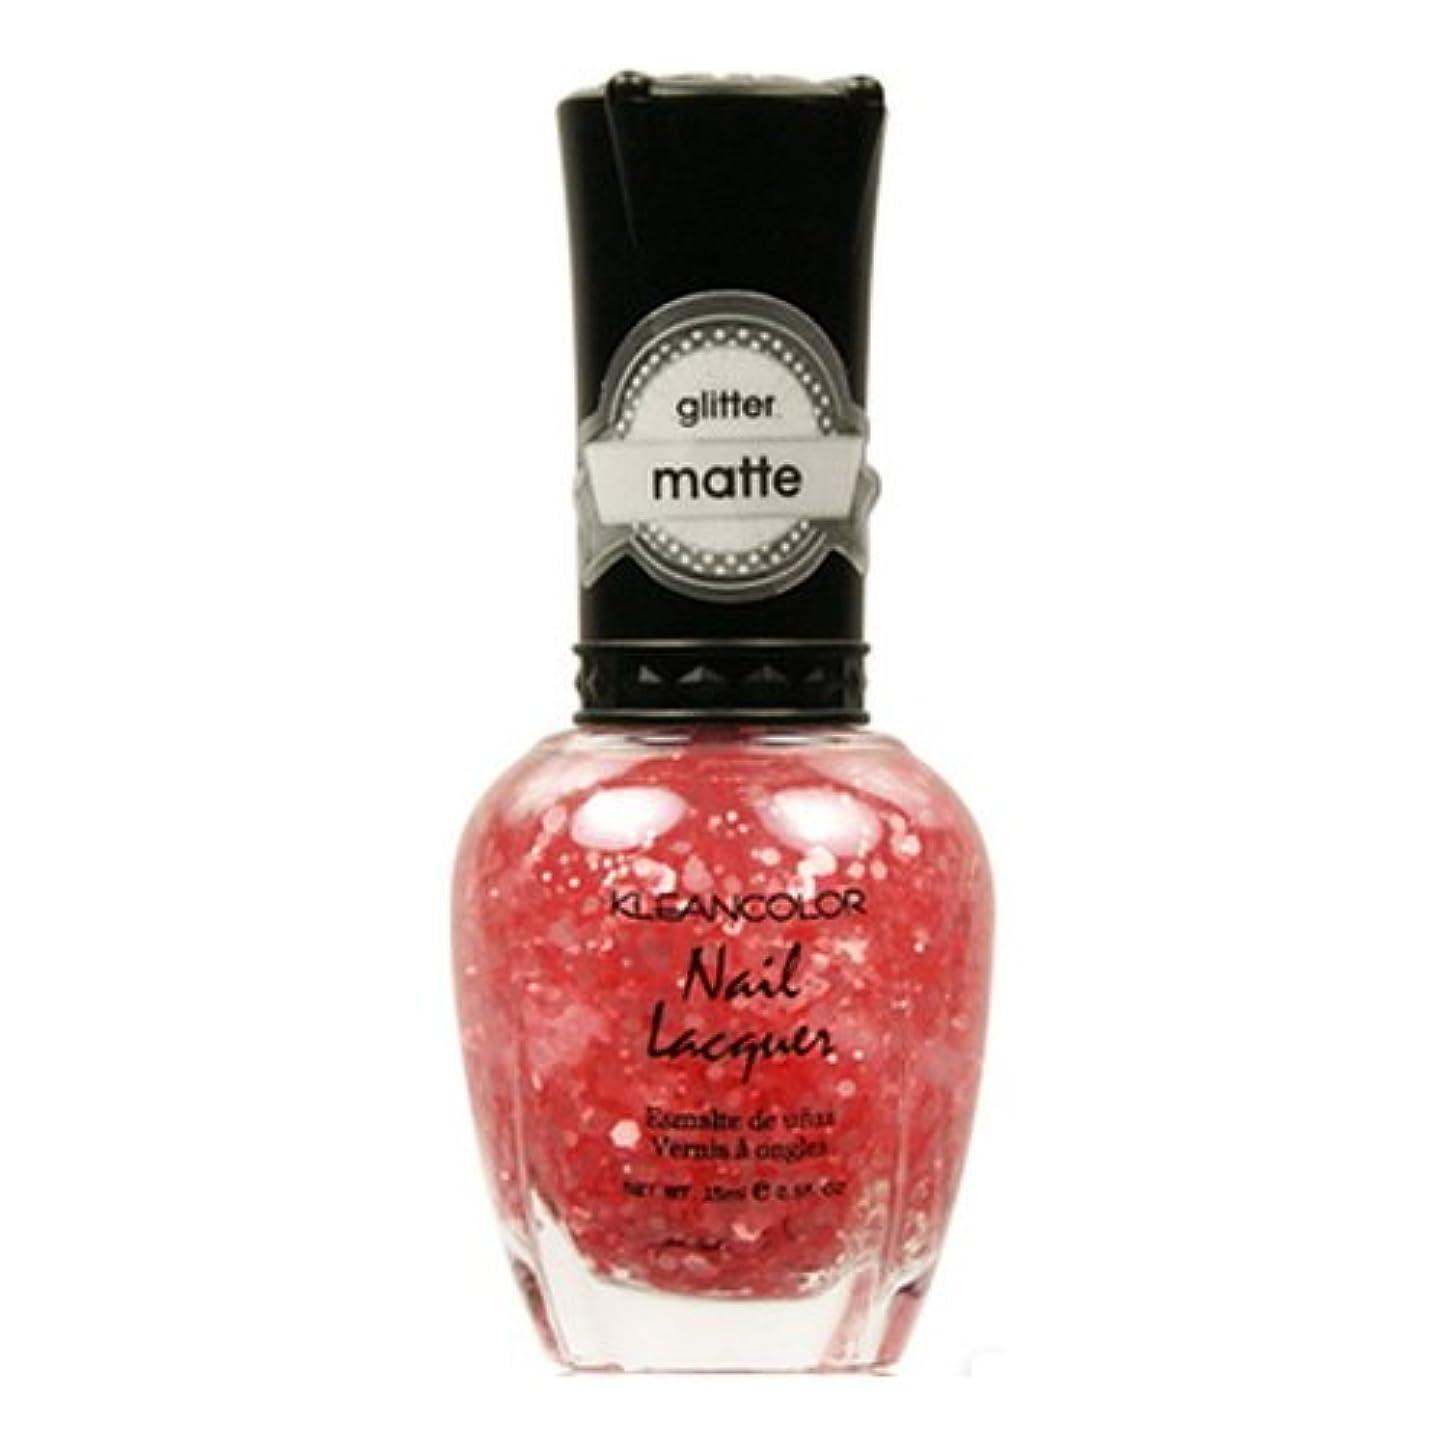 言い聞かせる残酷な欠如(3 Pack) KLEANCOLOR Glitter Matte Nail Lacquer - Blush Pink (並行輸入品)